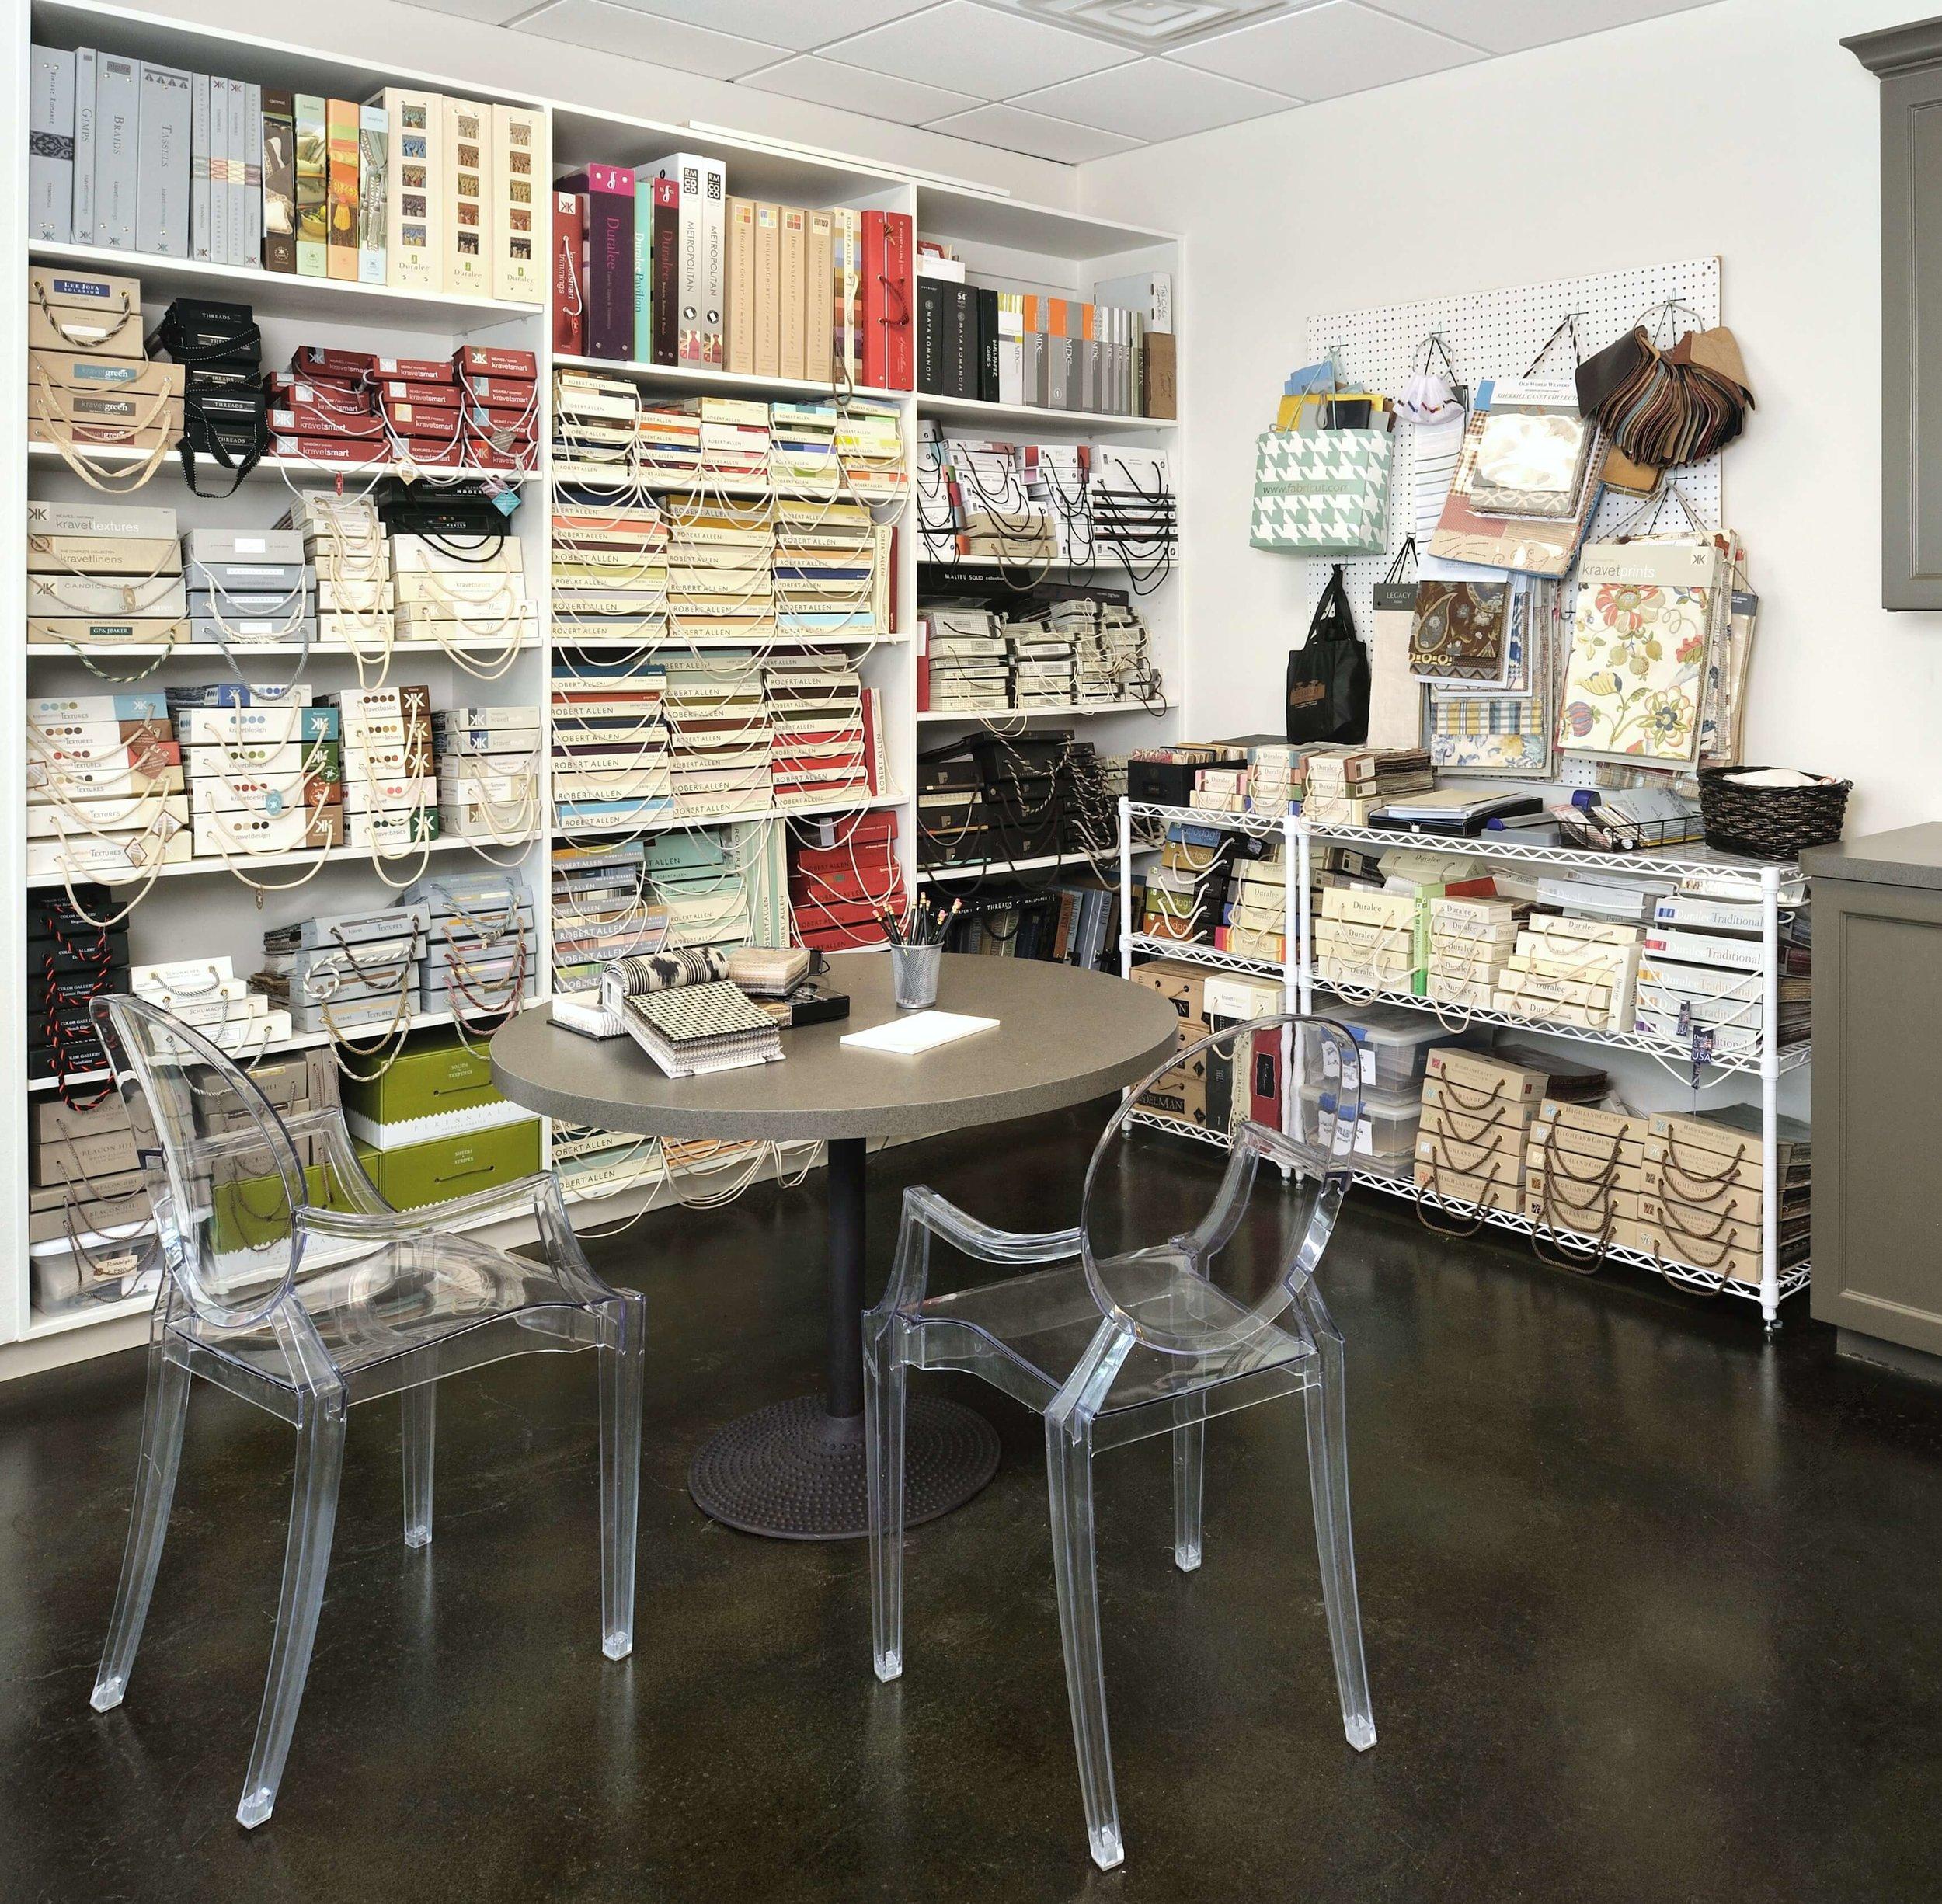 Interior design studio office 2010-2017 | Aston Design Studio #interiordesigner #officedesign